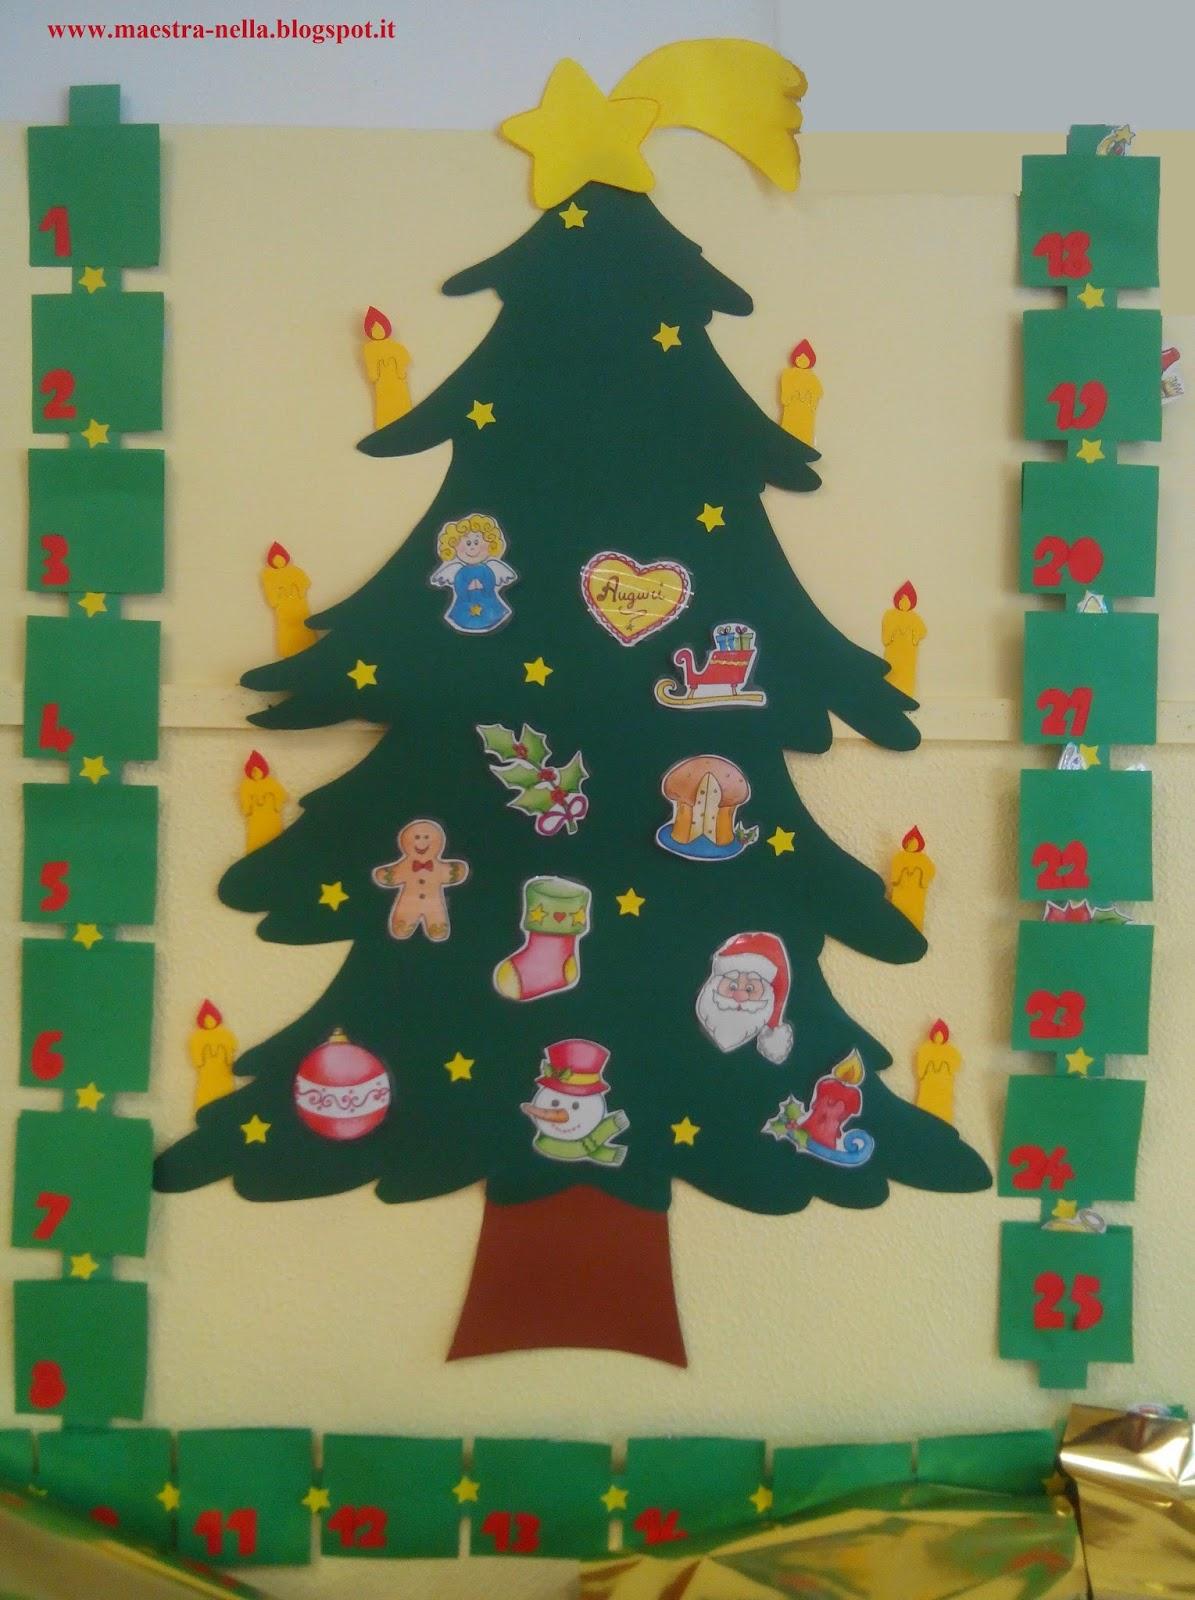 Maestra nella calendario dell 39 avvento for Maestra gemma scuola dell infanzia